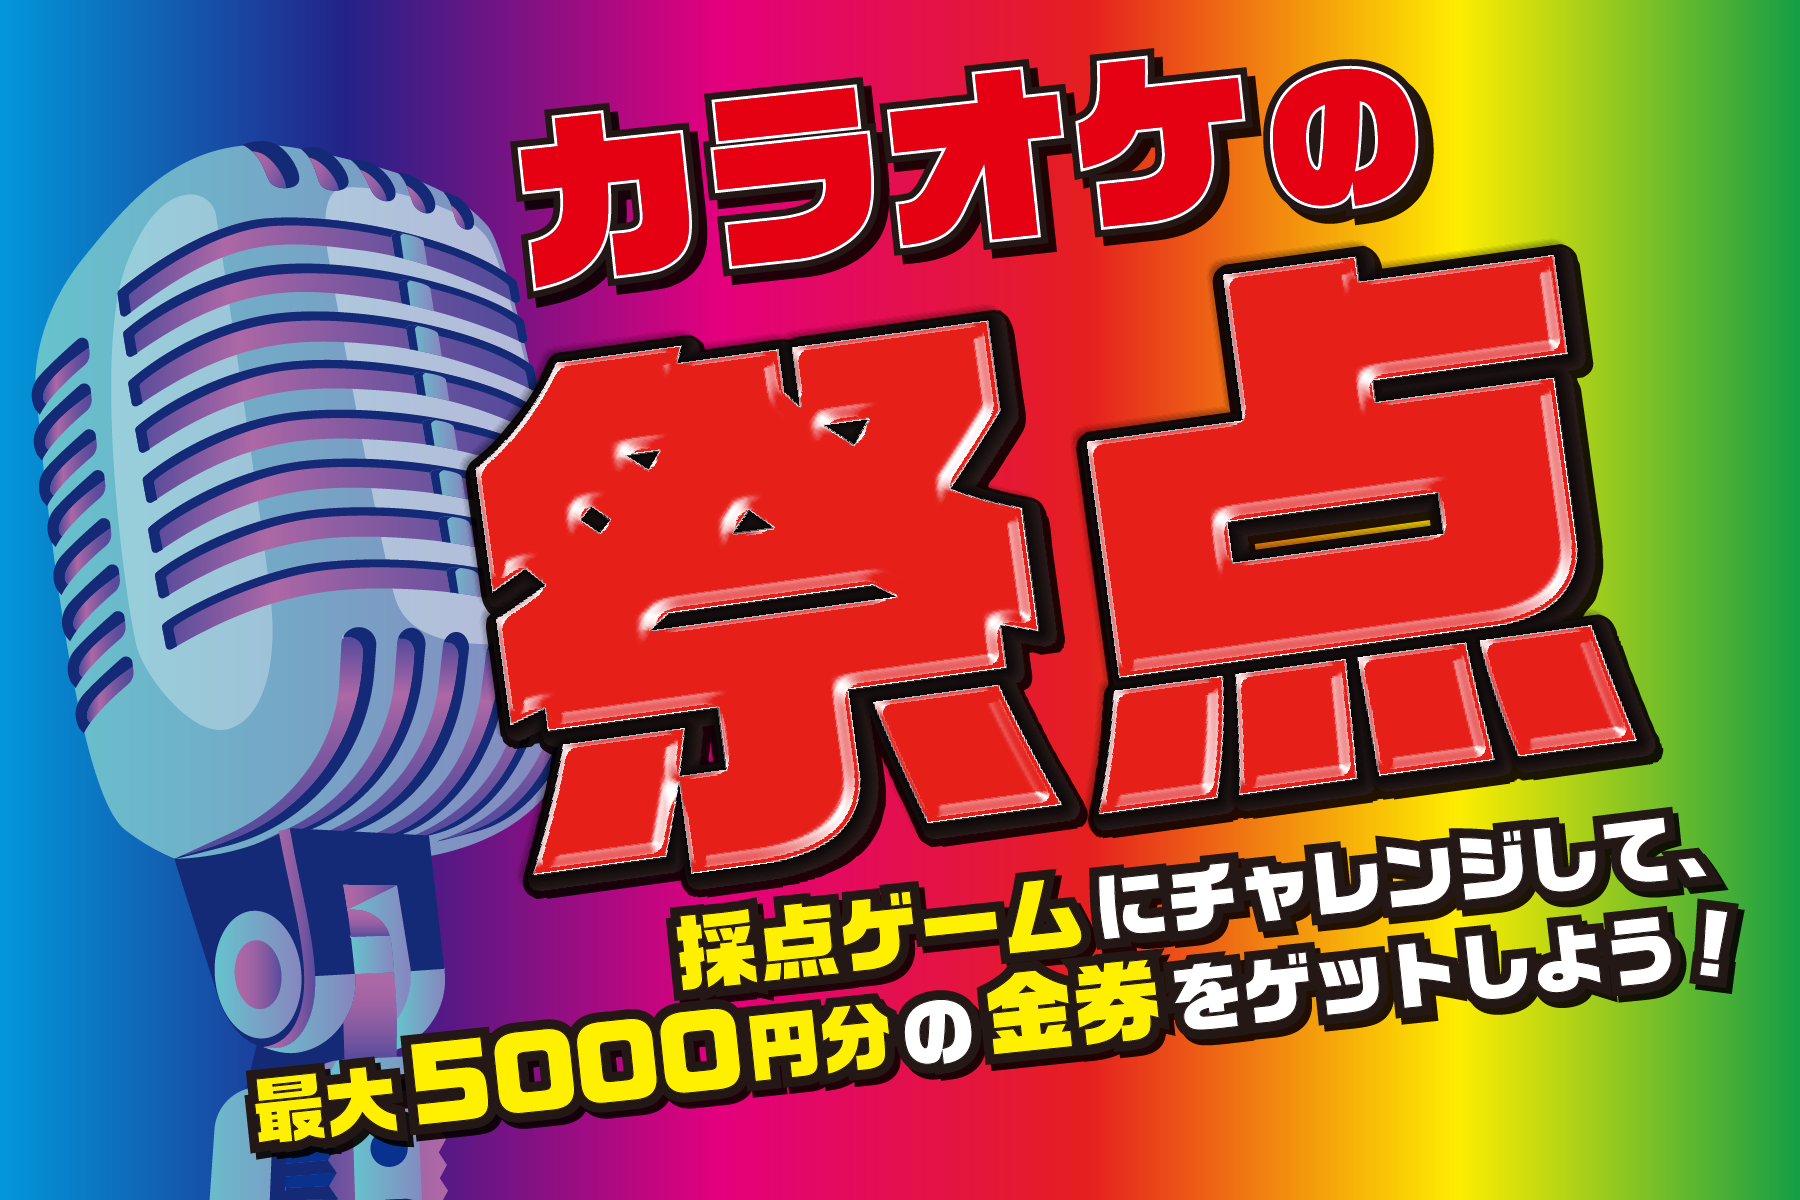 新着情報 | 【カラオケの祭点】最大5000円分の金券が当たるチャンス!